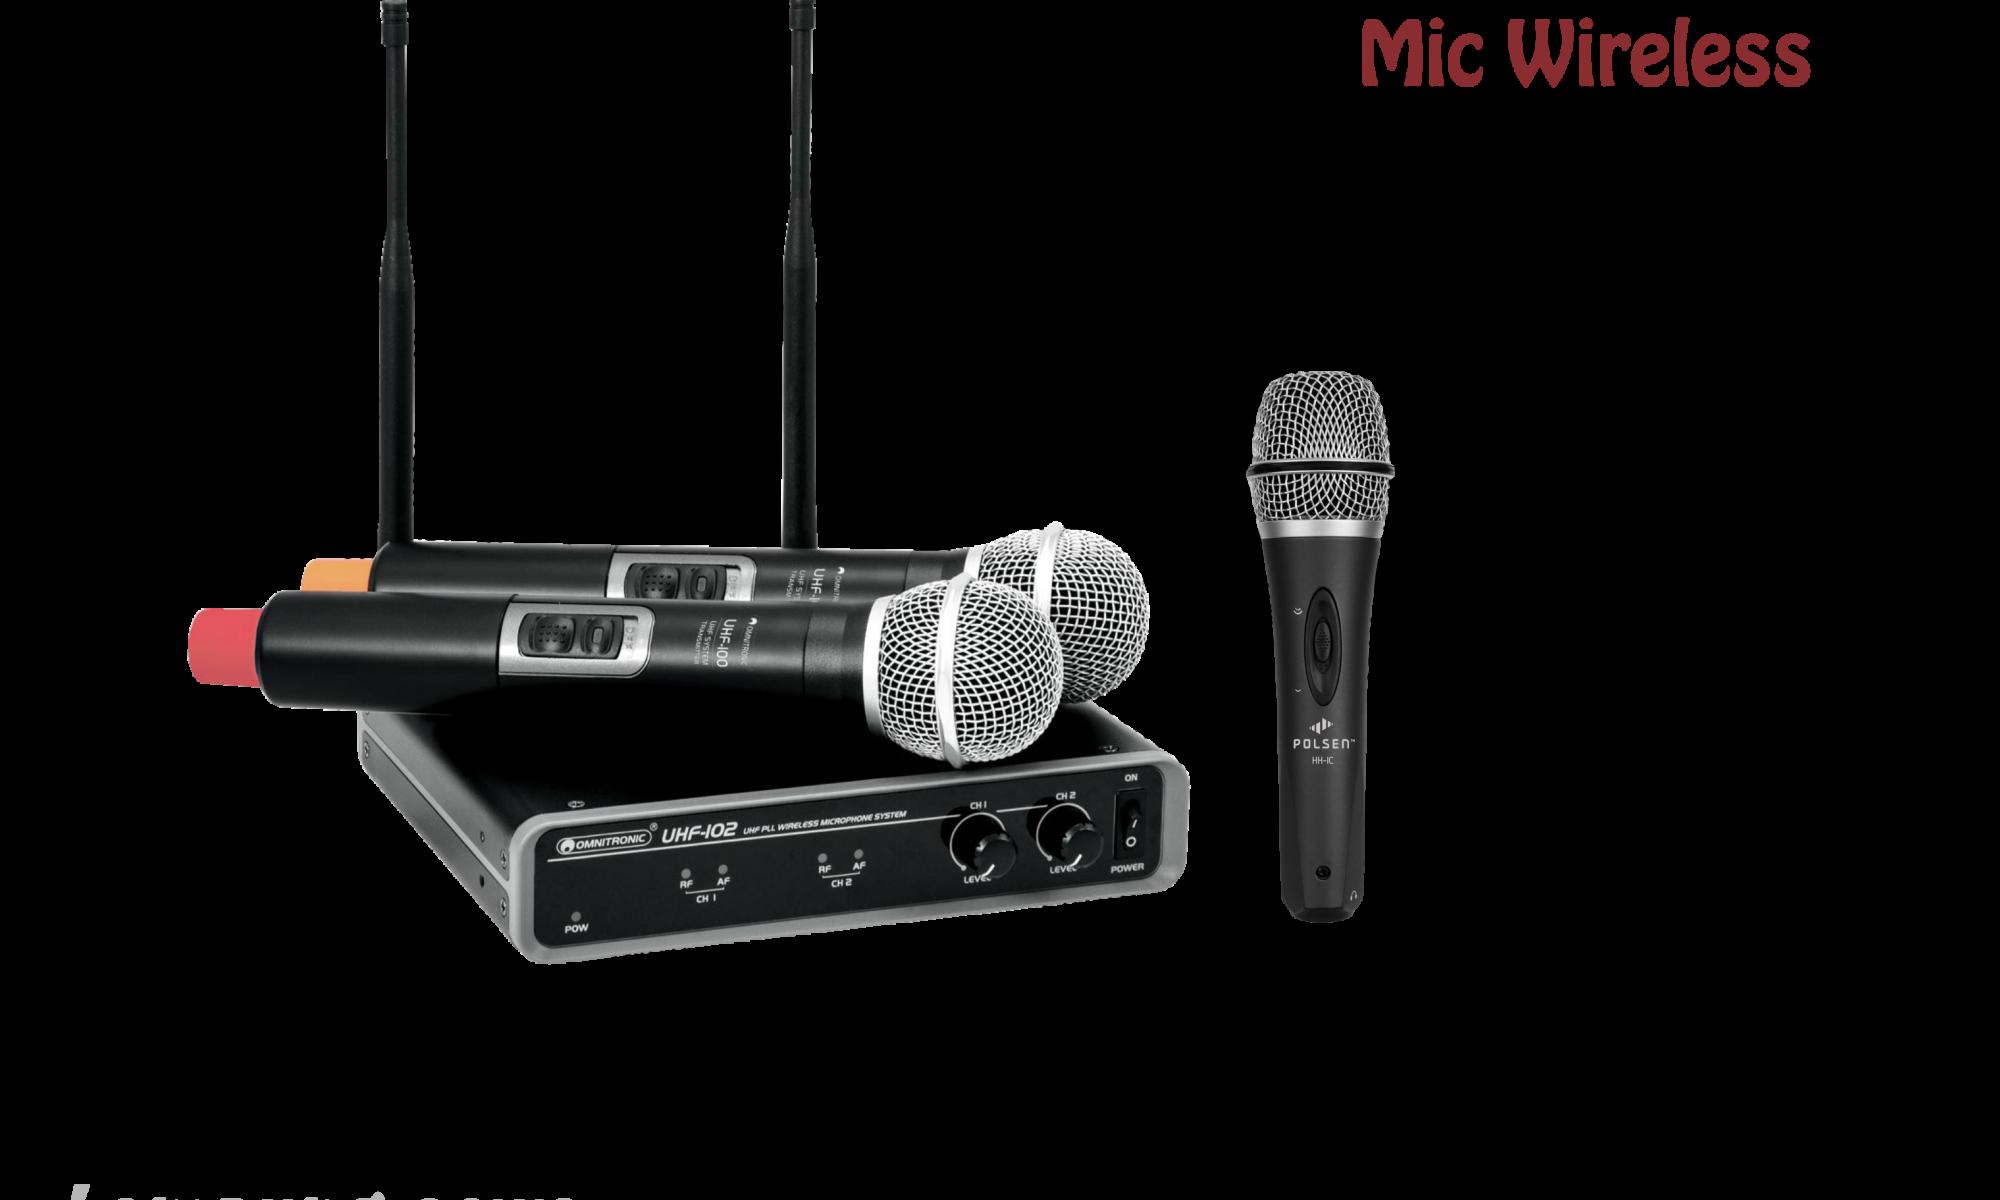 mic wireless lampung